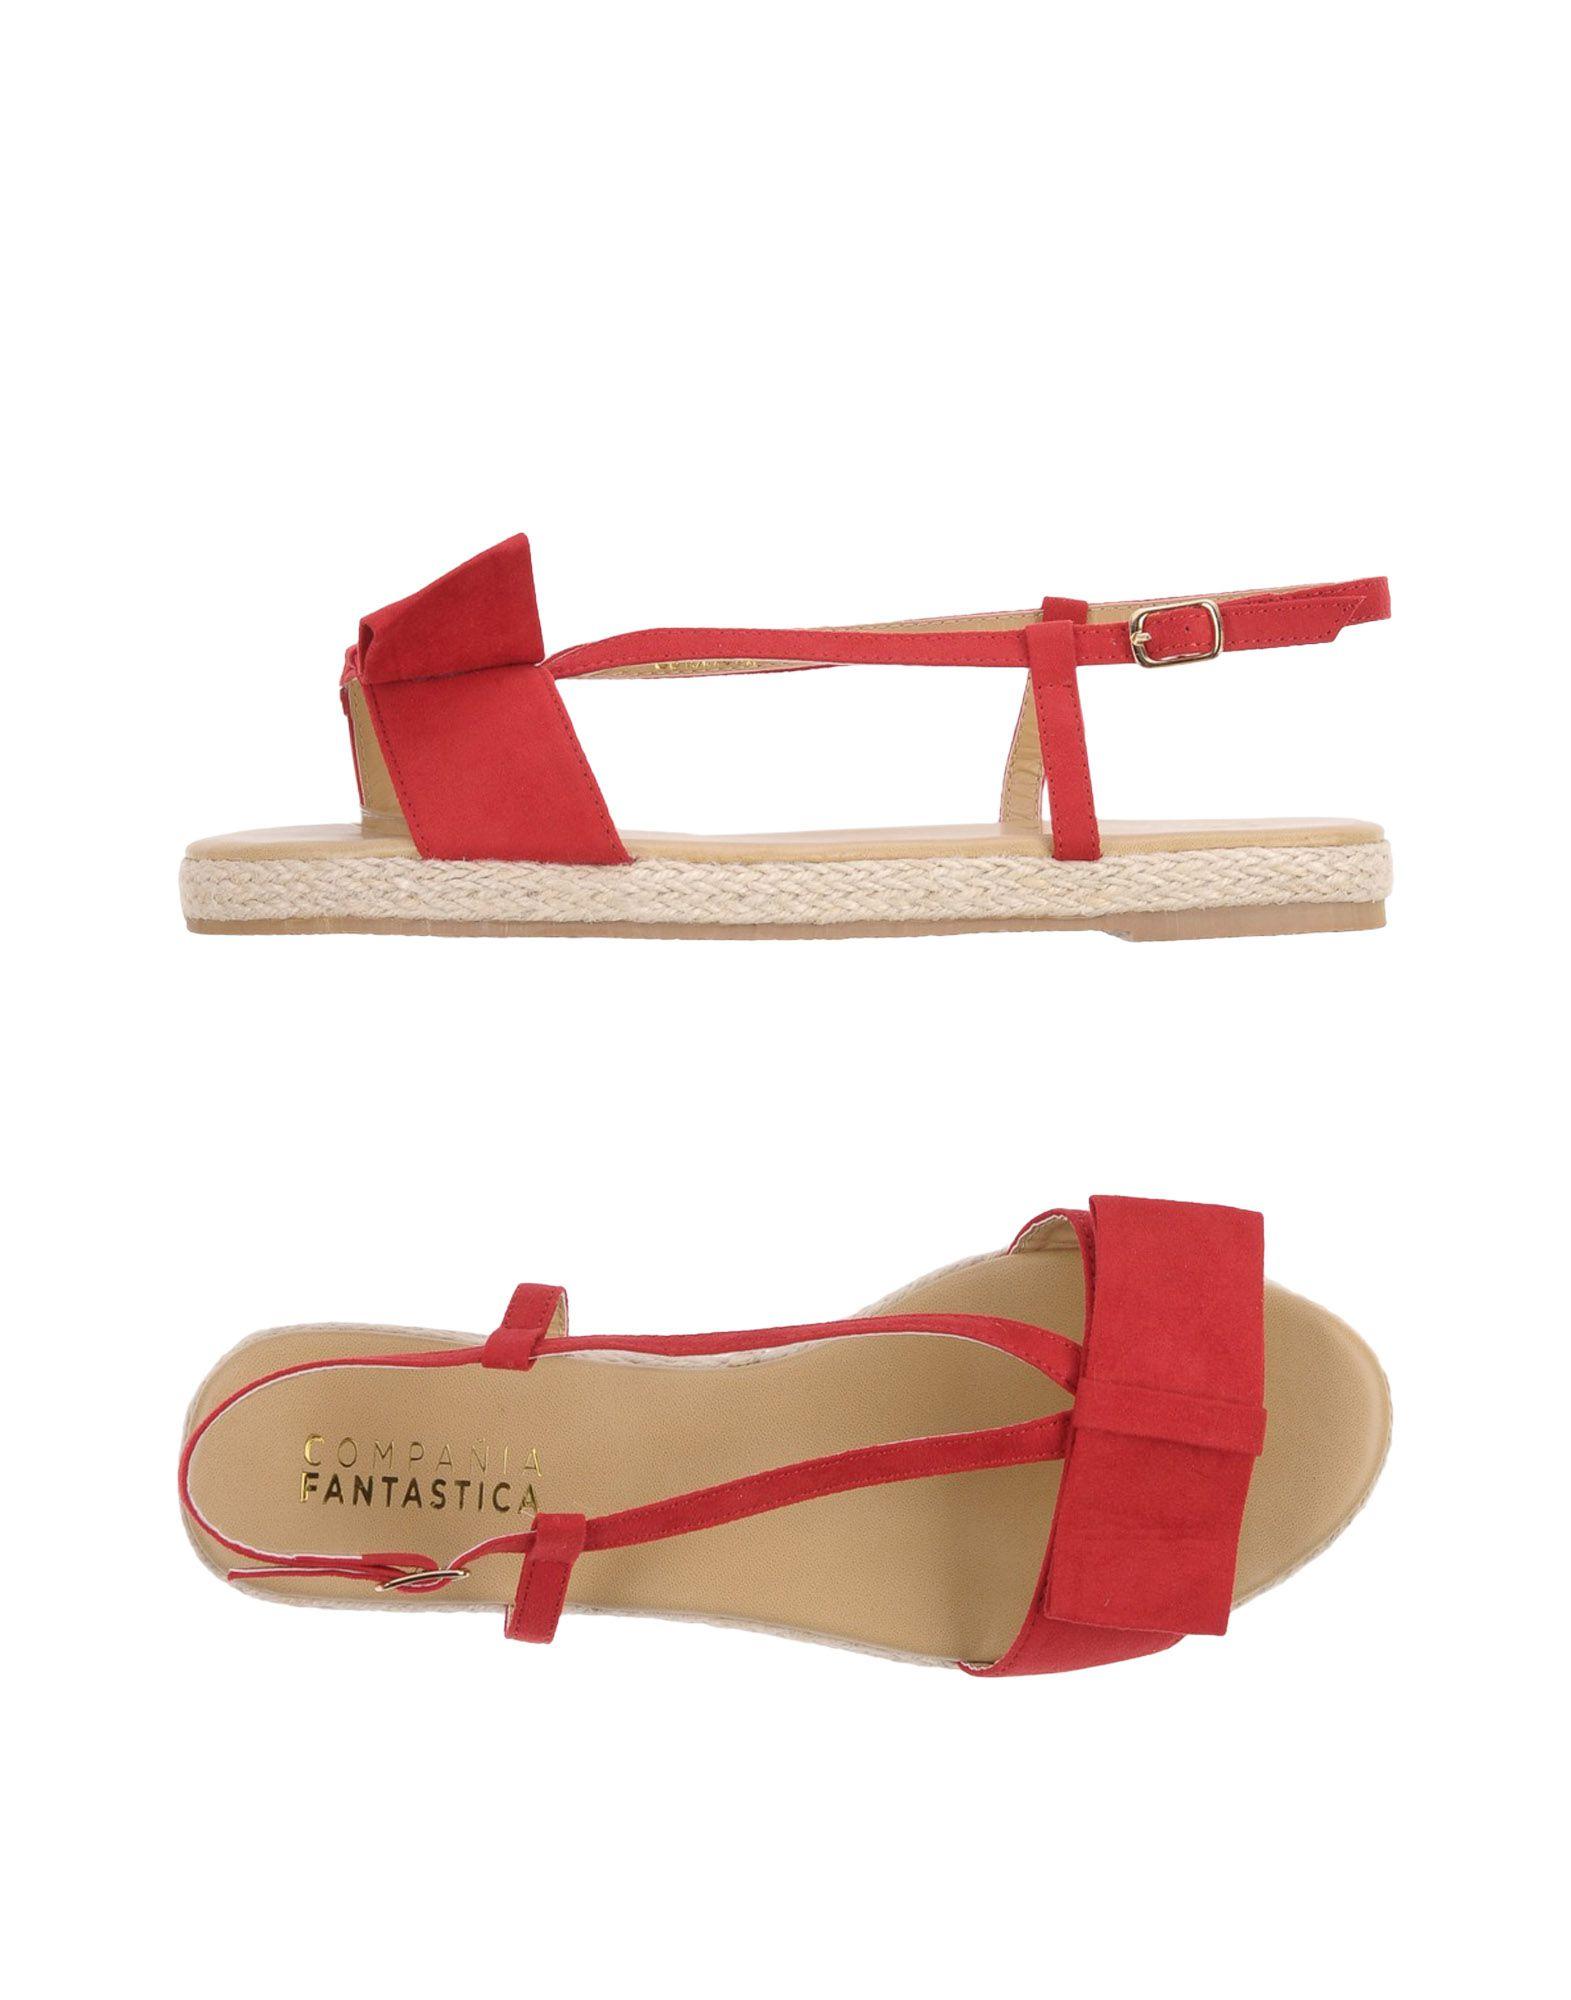 Sandales Compañia Fantastica Femme - Sandales Compañia Fantastica sur